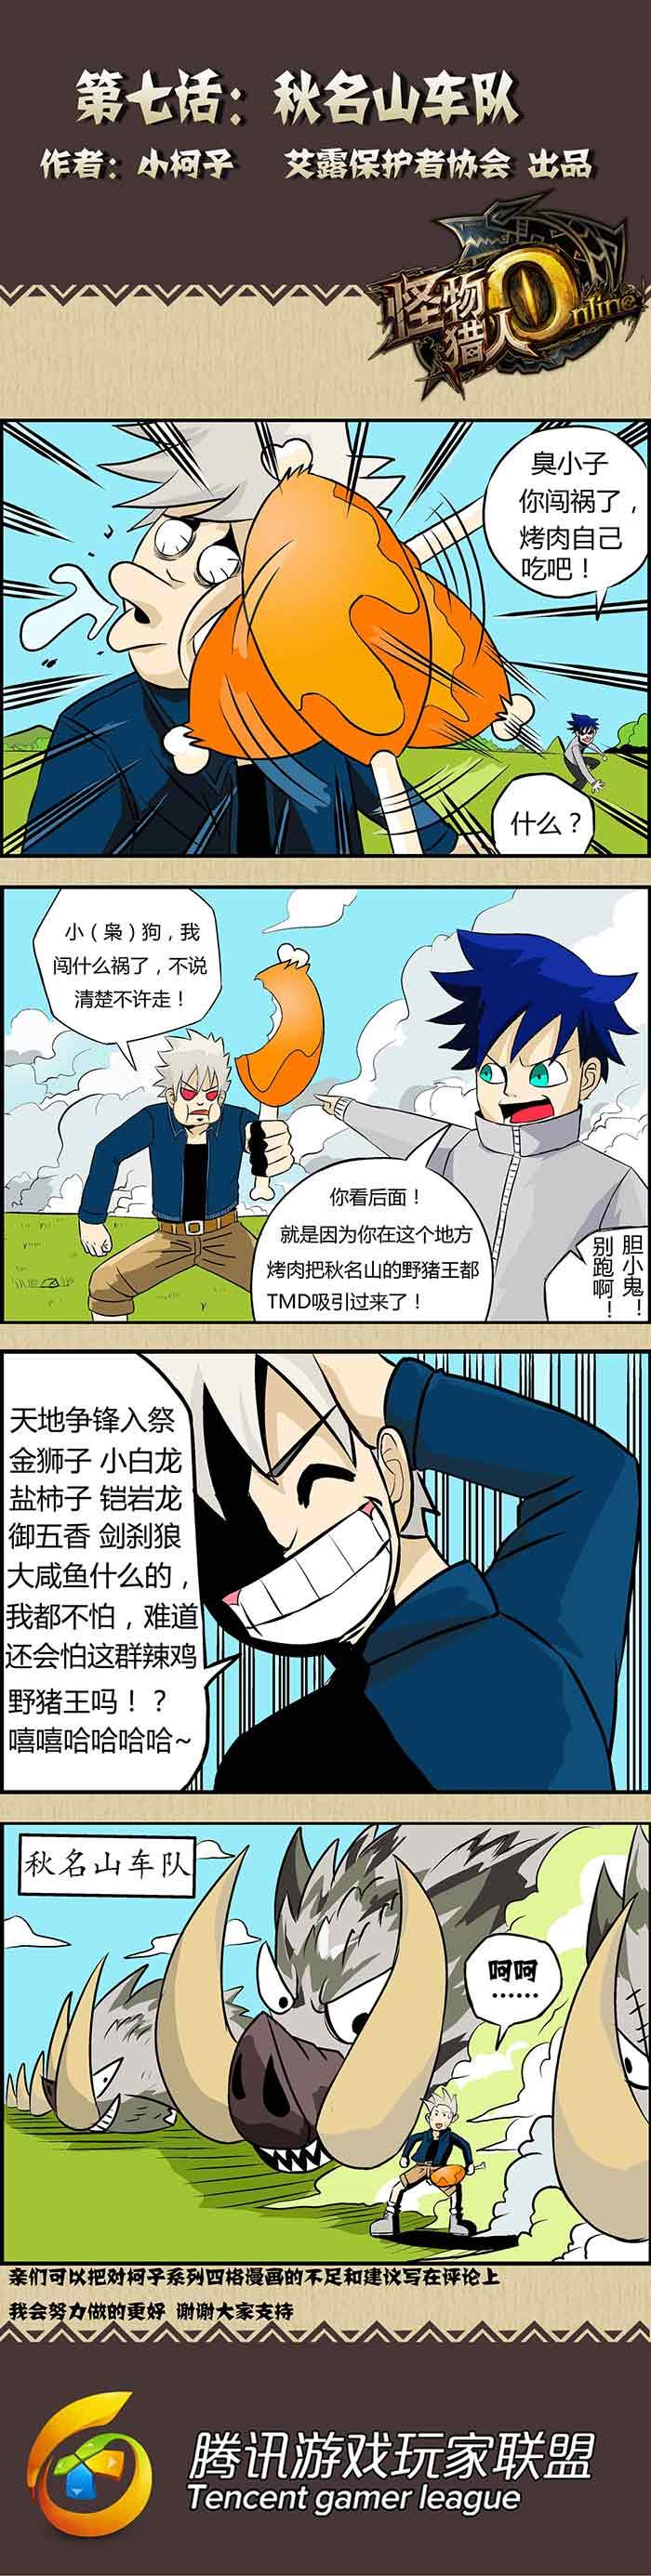 第七话秋名山车队 怪物猎人OL原创四格漫画